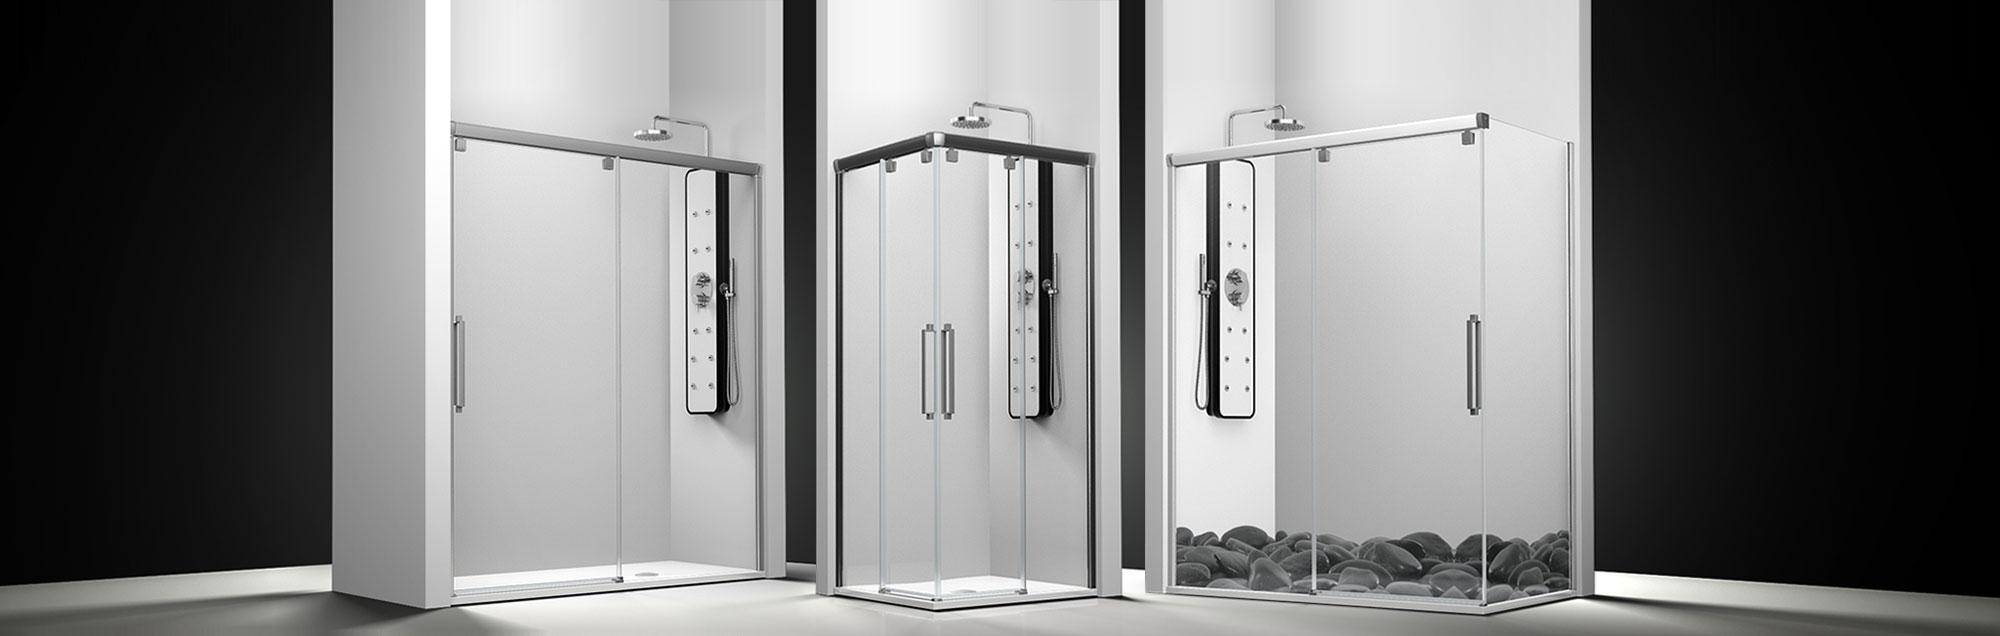 Serie Vetro de mamparas correderas de bañera a medida